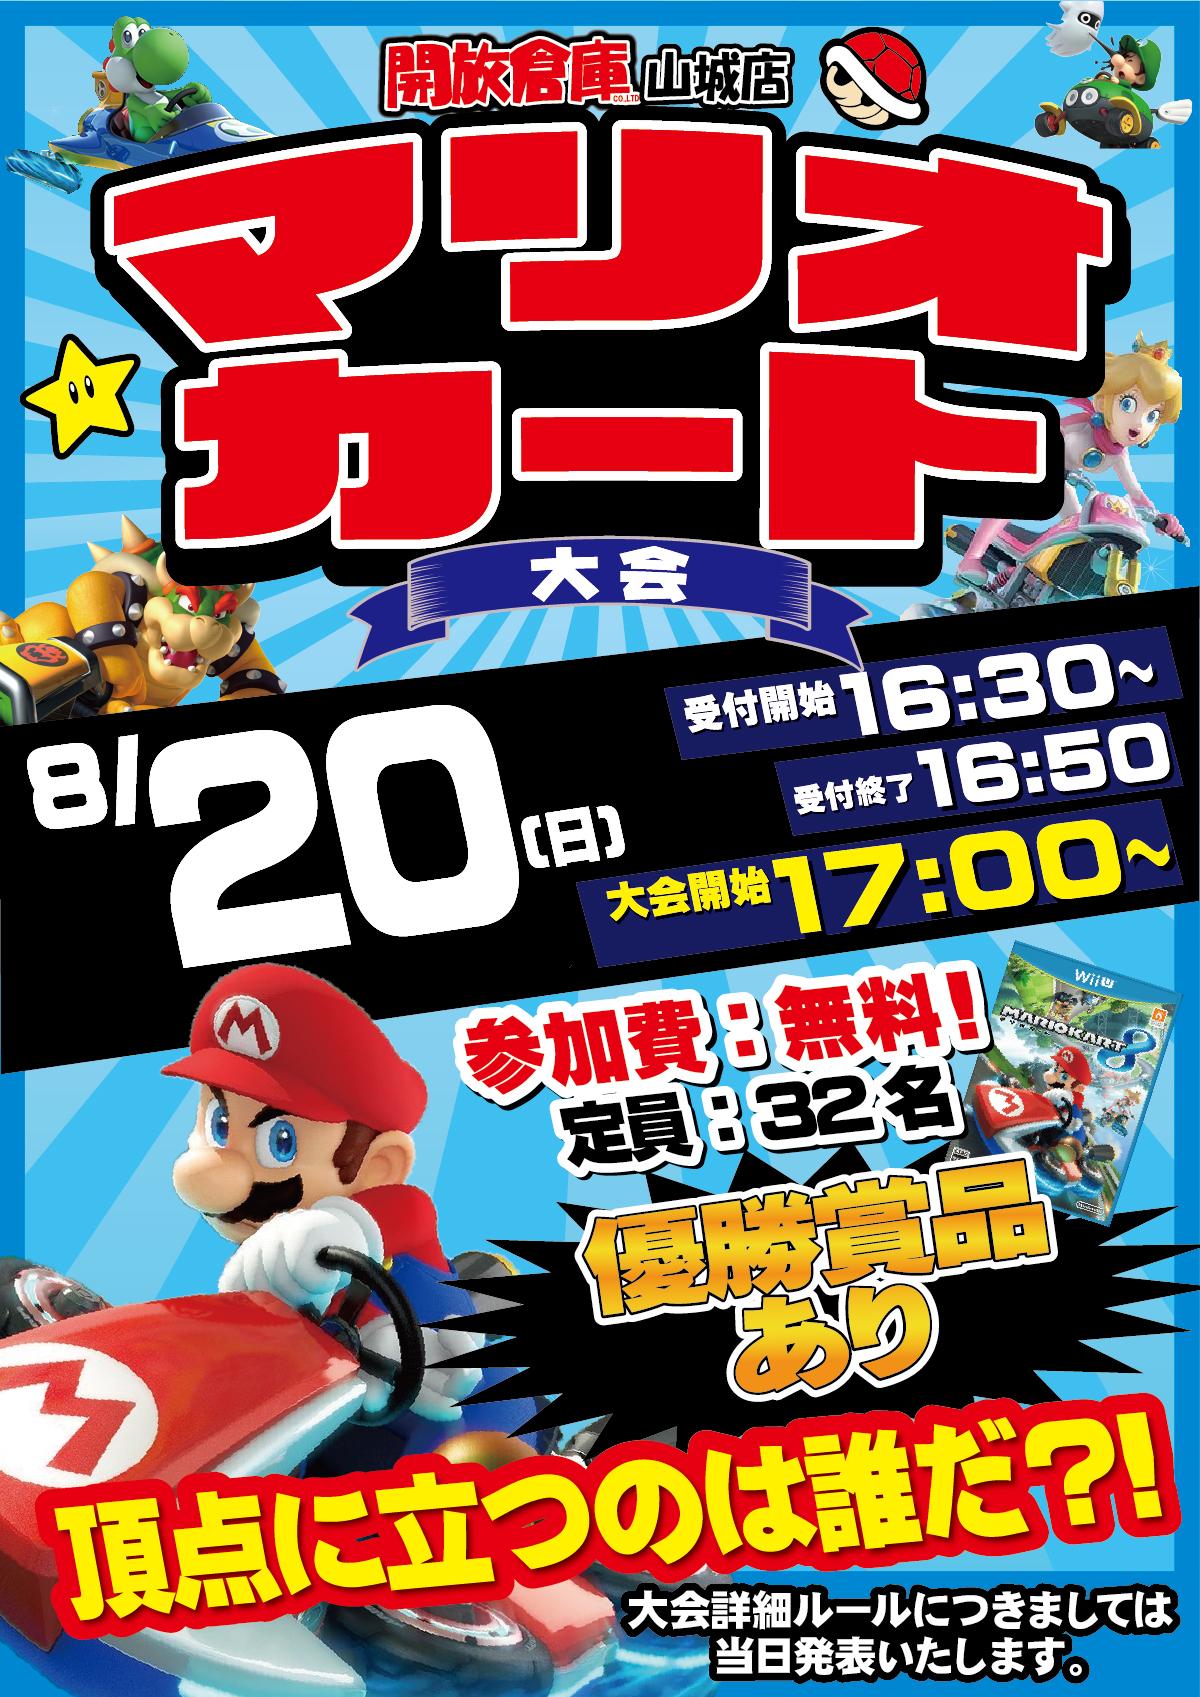 「開放倉庫山城店」8/20(日)マリオカートゲーム大会開催!!16:30~受付開始!!